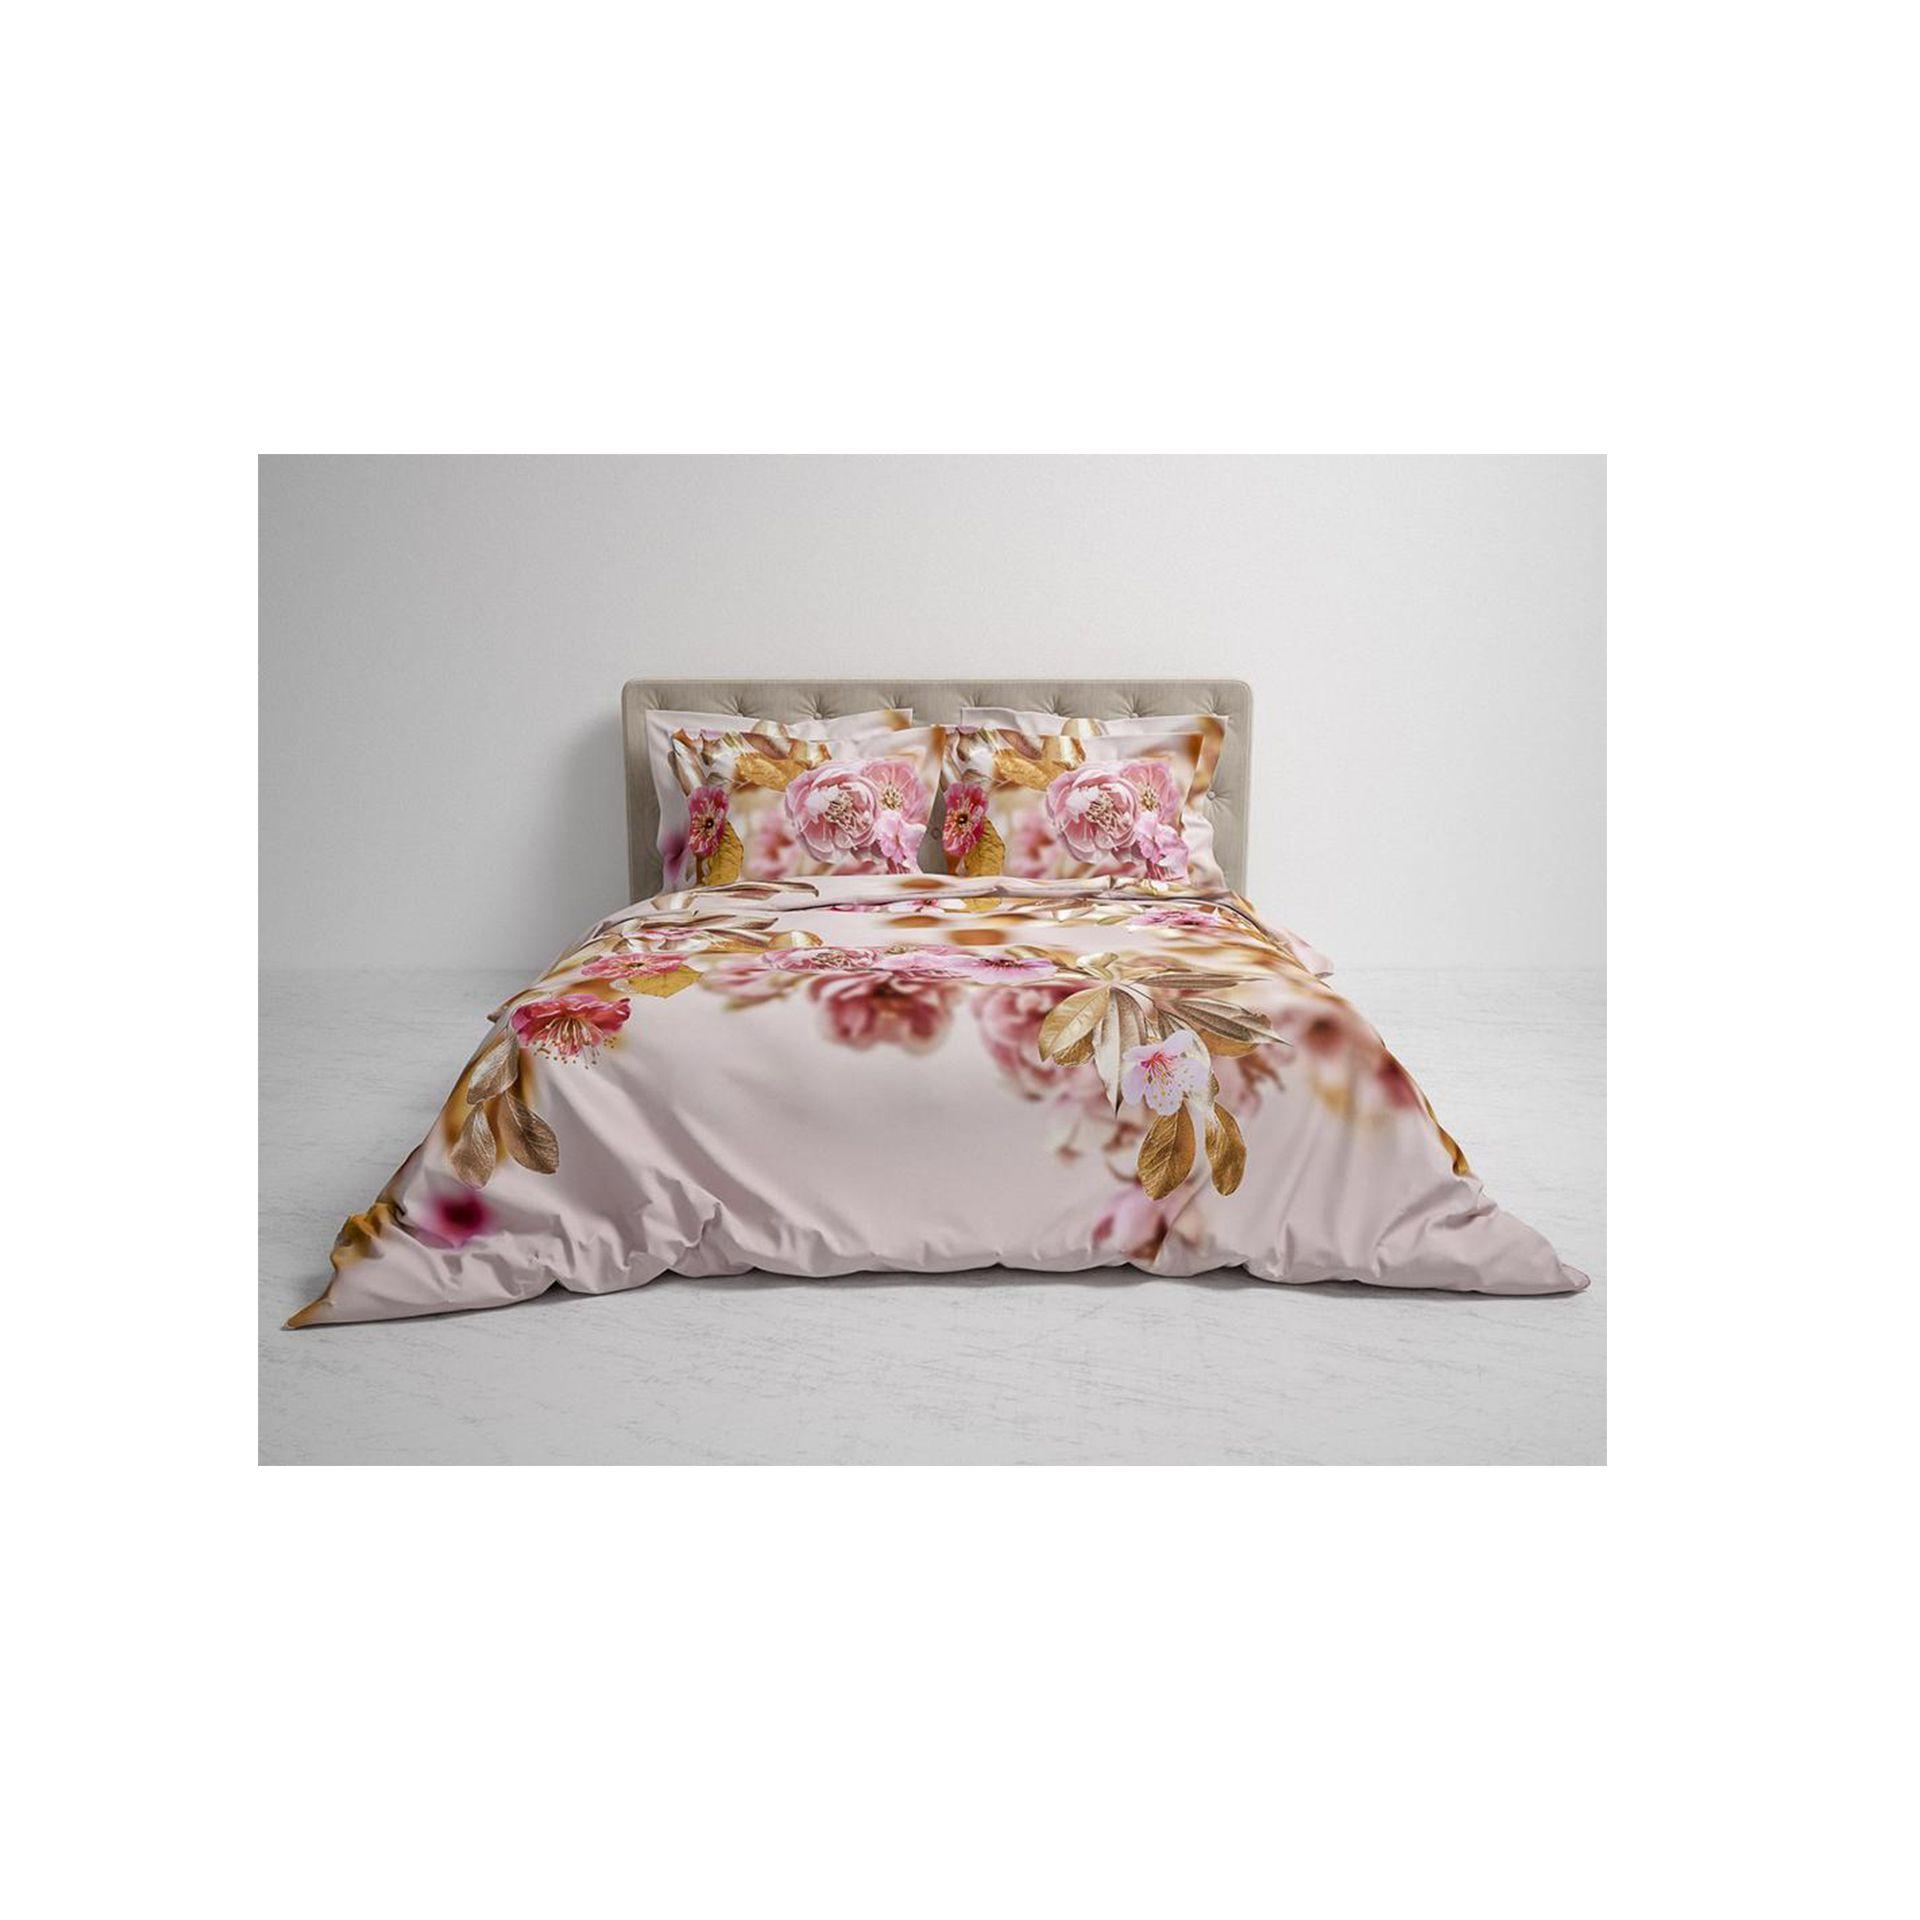 Heckettlane - Rosie prism pink Dekbedovertrek